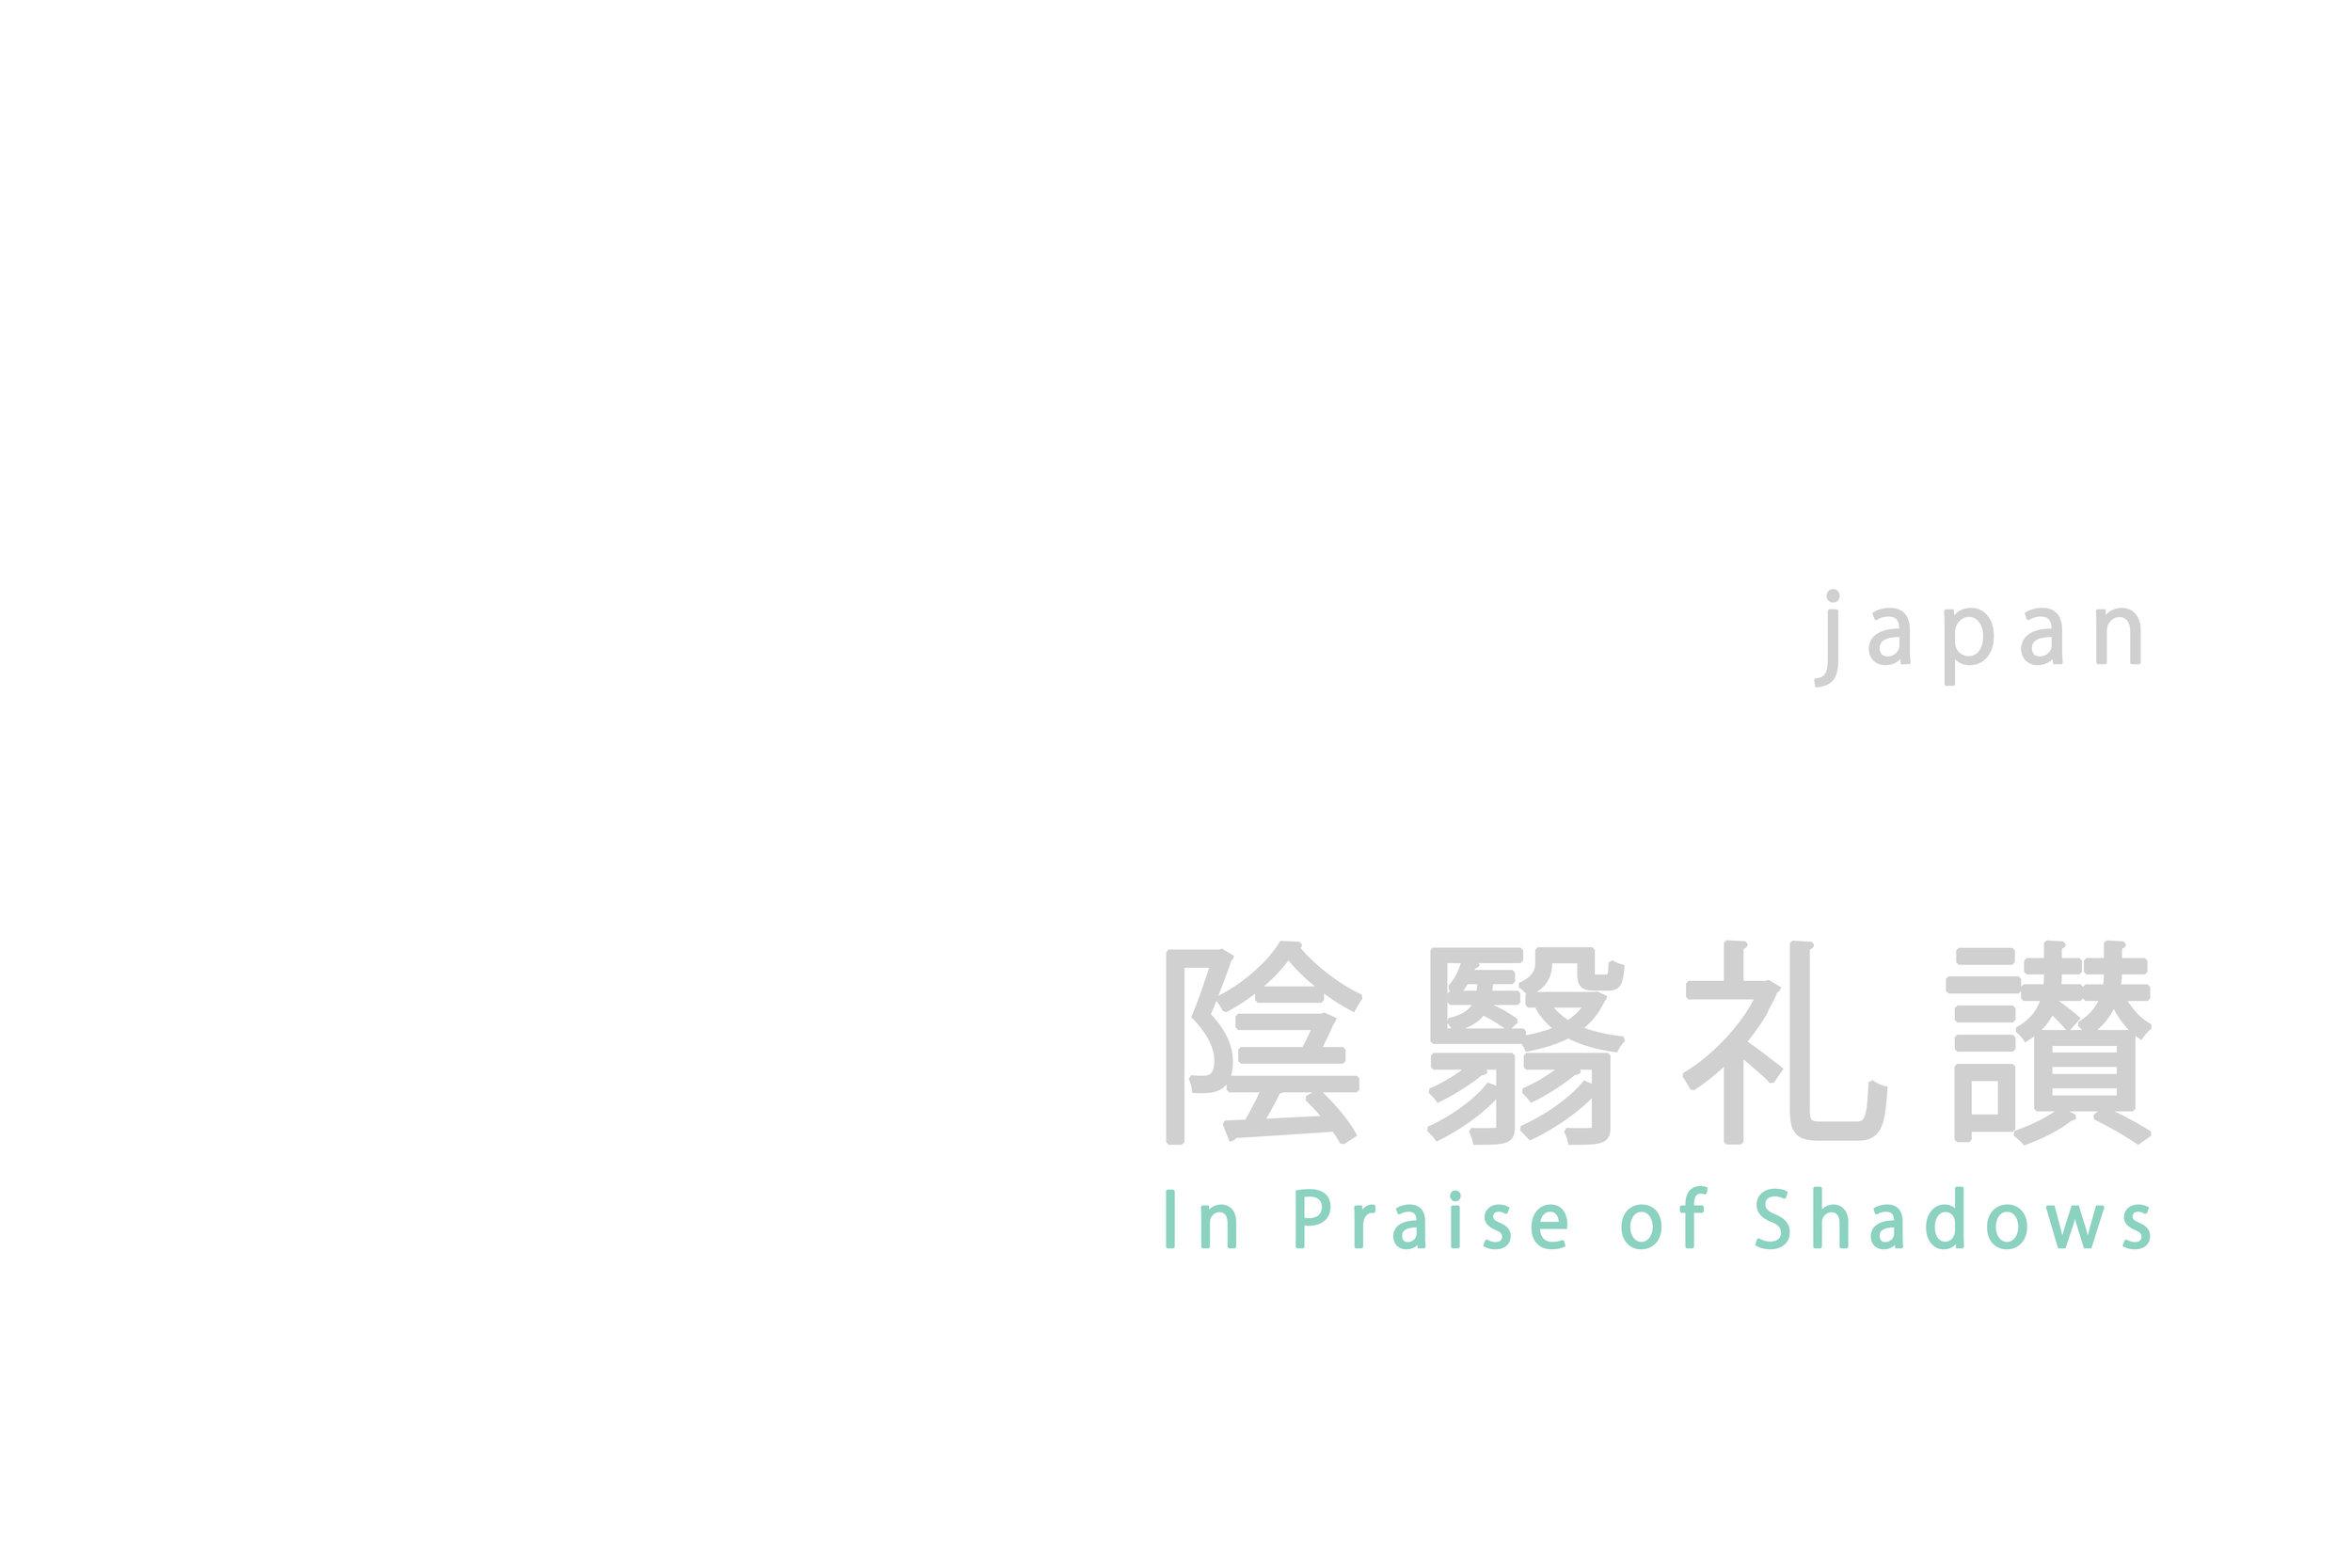 PraiseShadows00.jpg